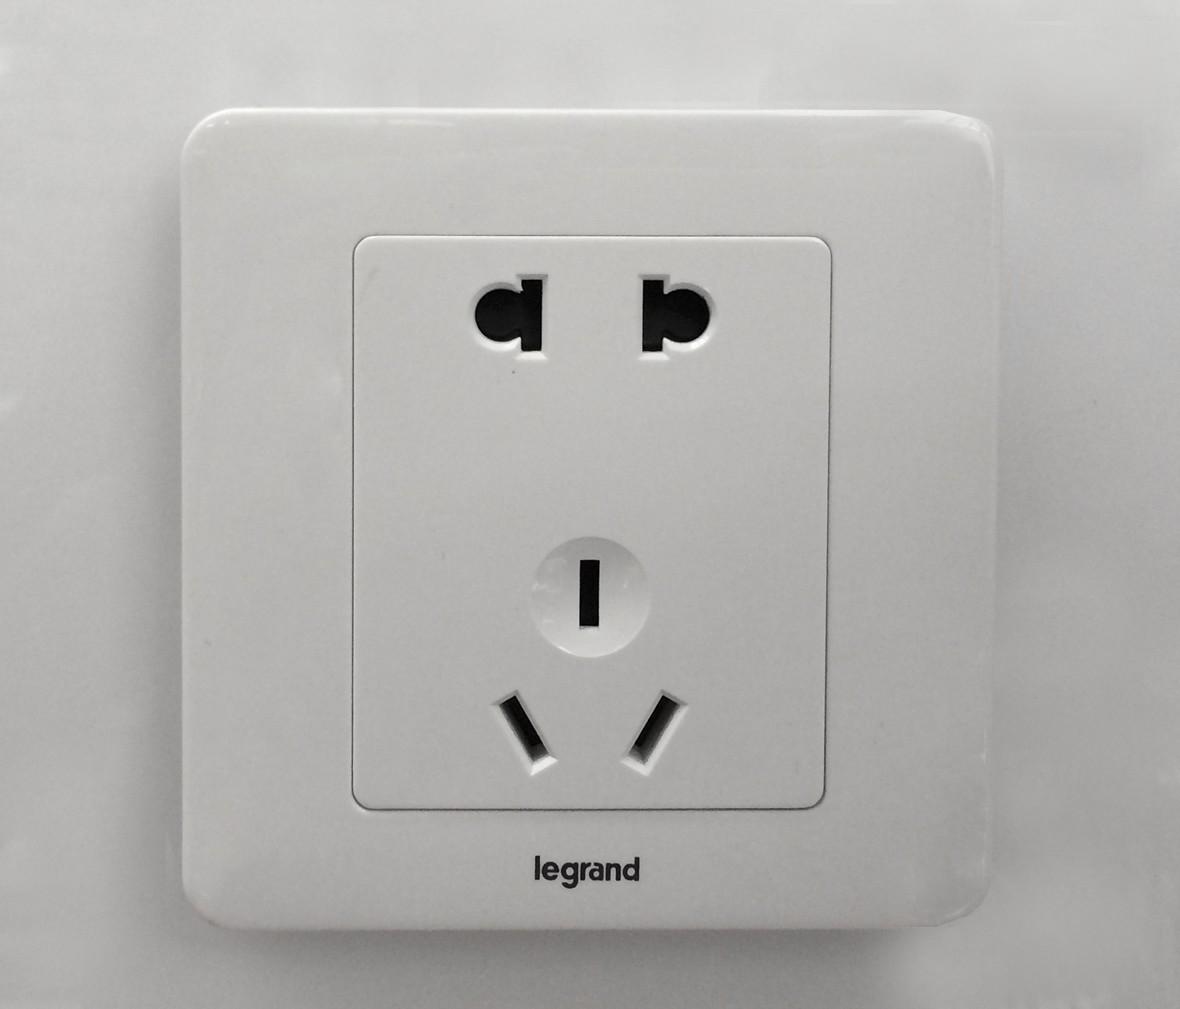 朗士灯饰 罗格朗逸典系列玉兰白五孔 电源插座 插口